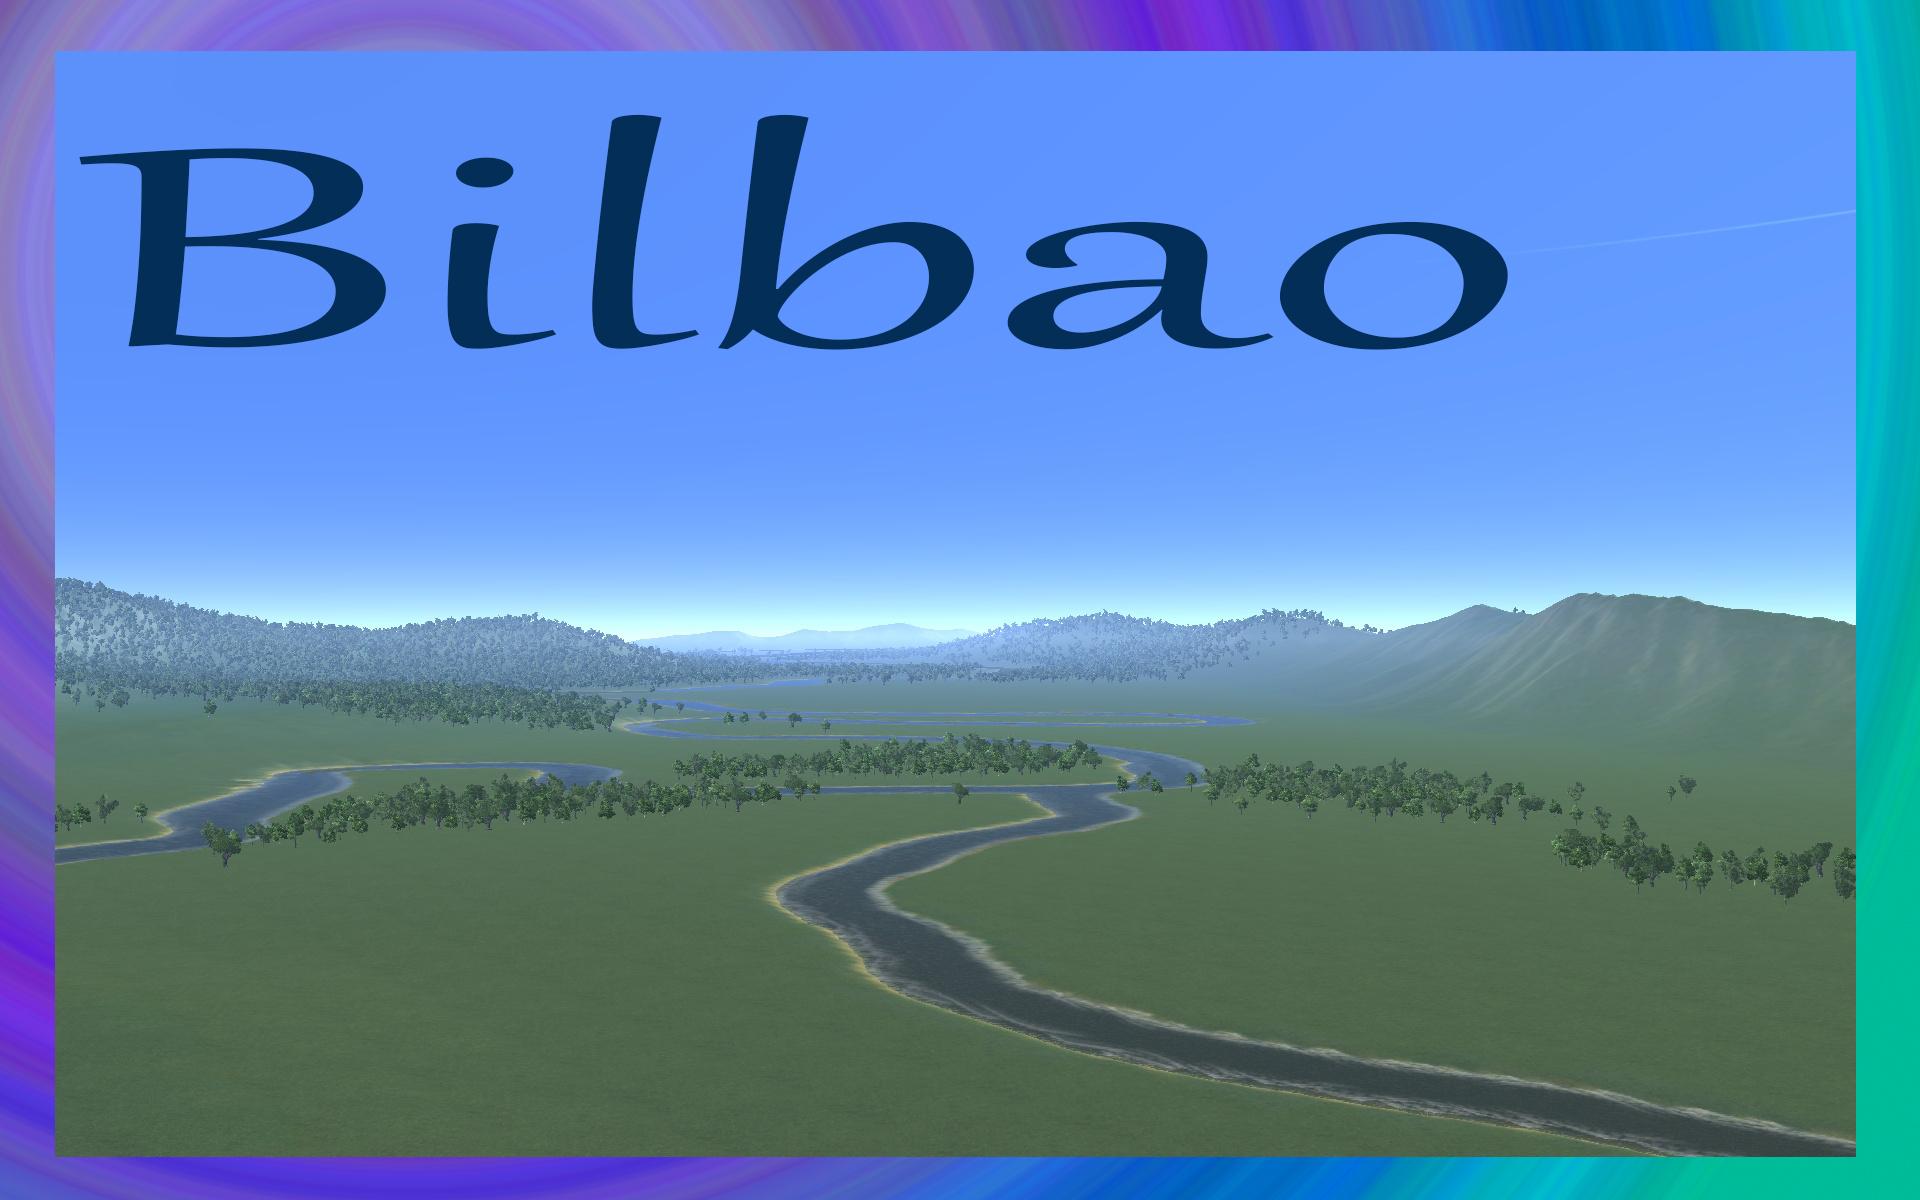 Bilbao01.jpg